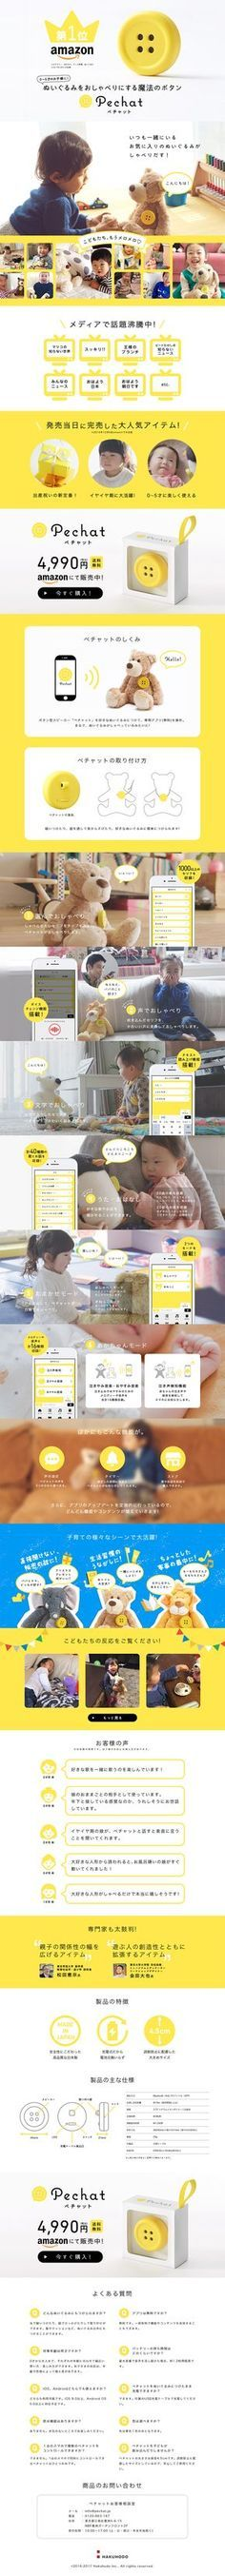 株式会社 博報堂様の「pechat」のランディングページ(LP)シンプル系|玩具・ホビー・フィギュア #LP #ランディングページ #ランペ #pechat